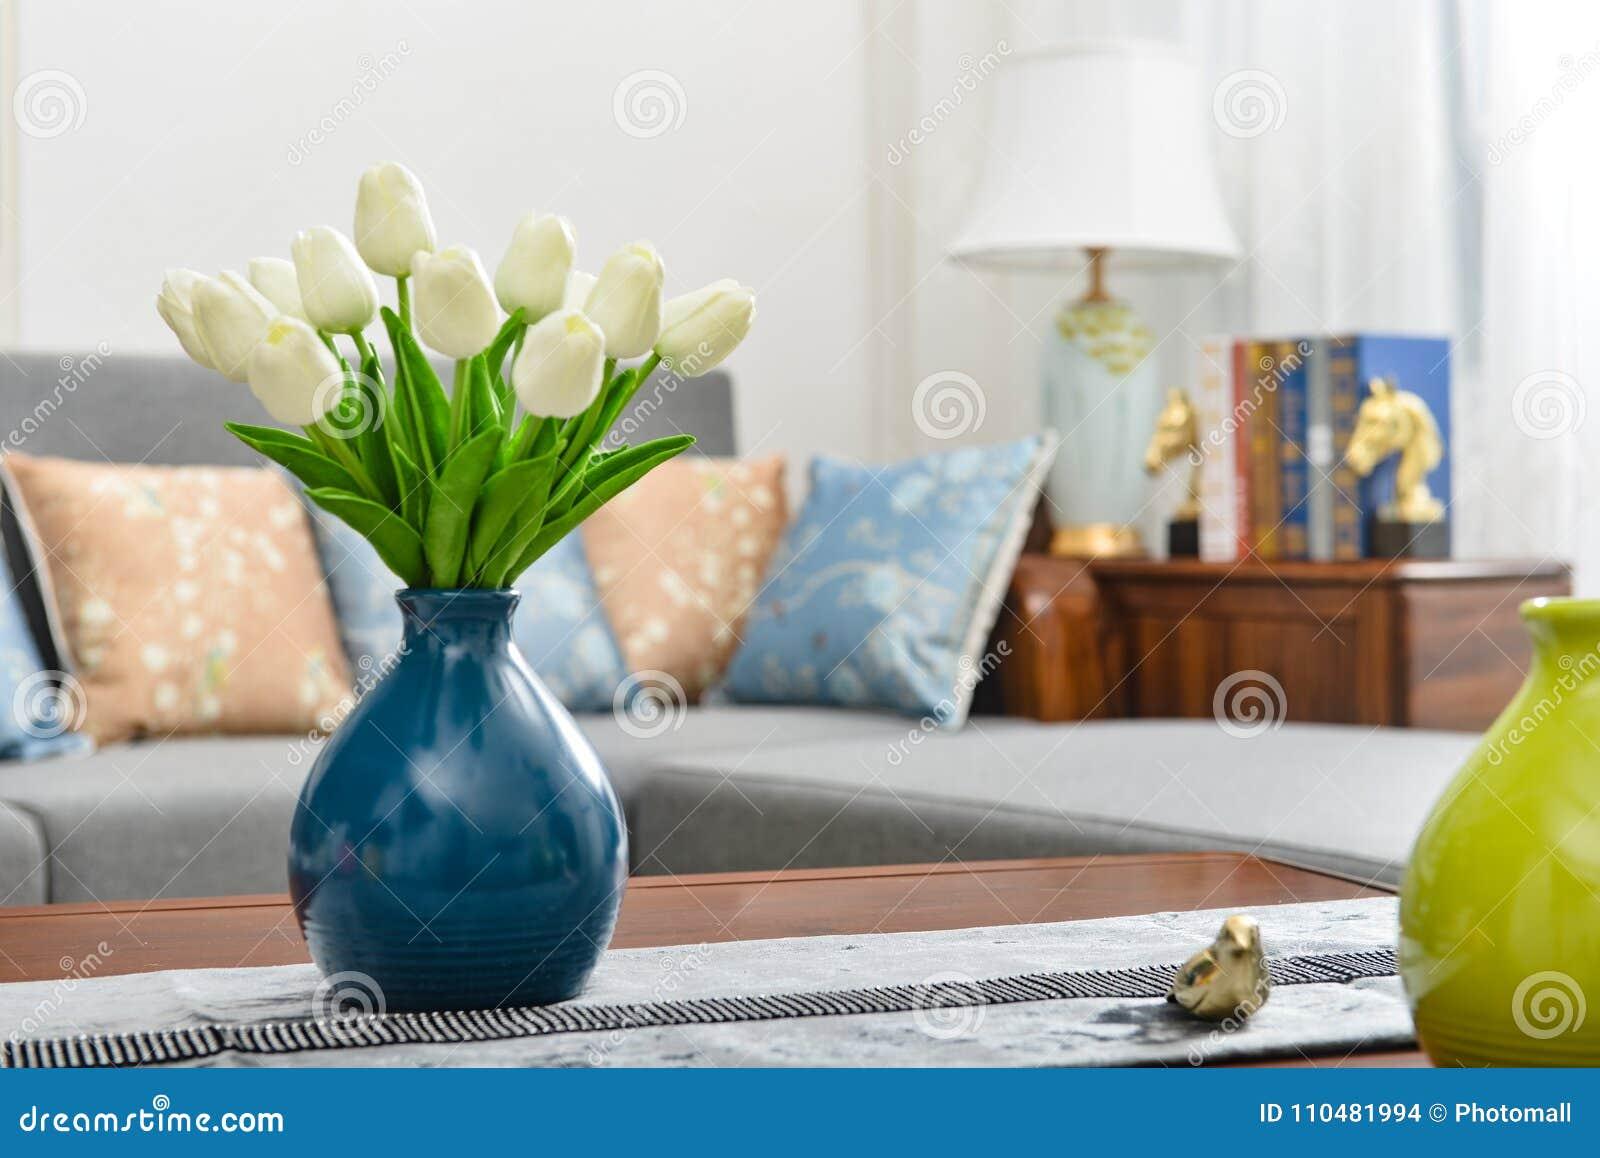 家庭内部装饰,在花瓶的郁金香花束